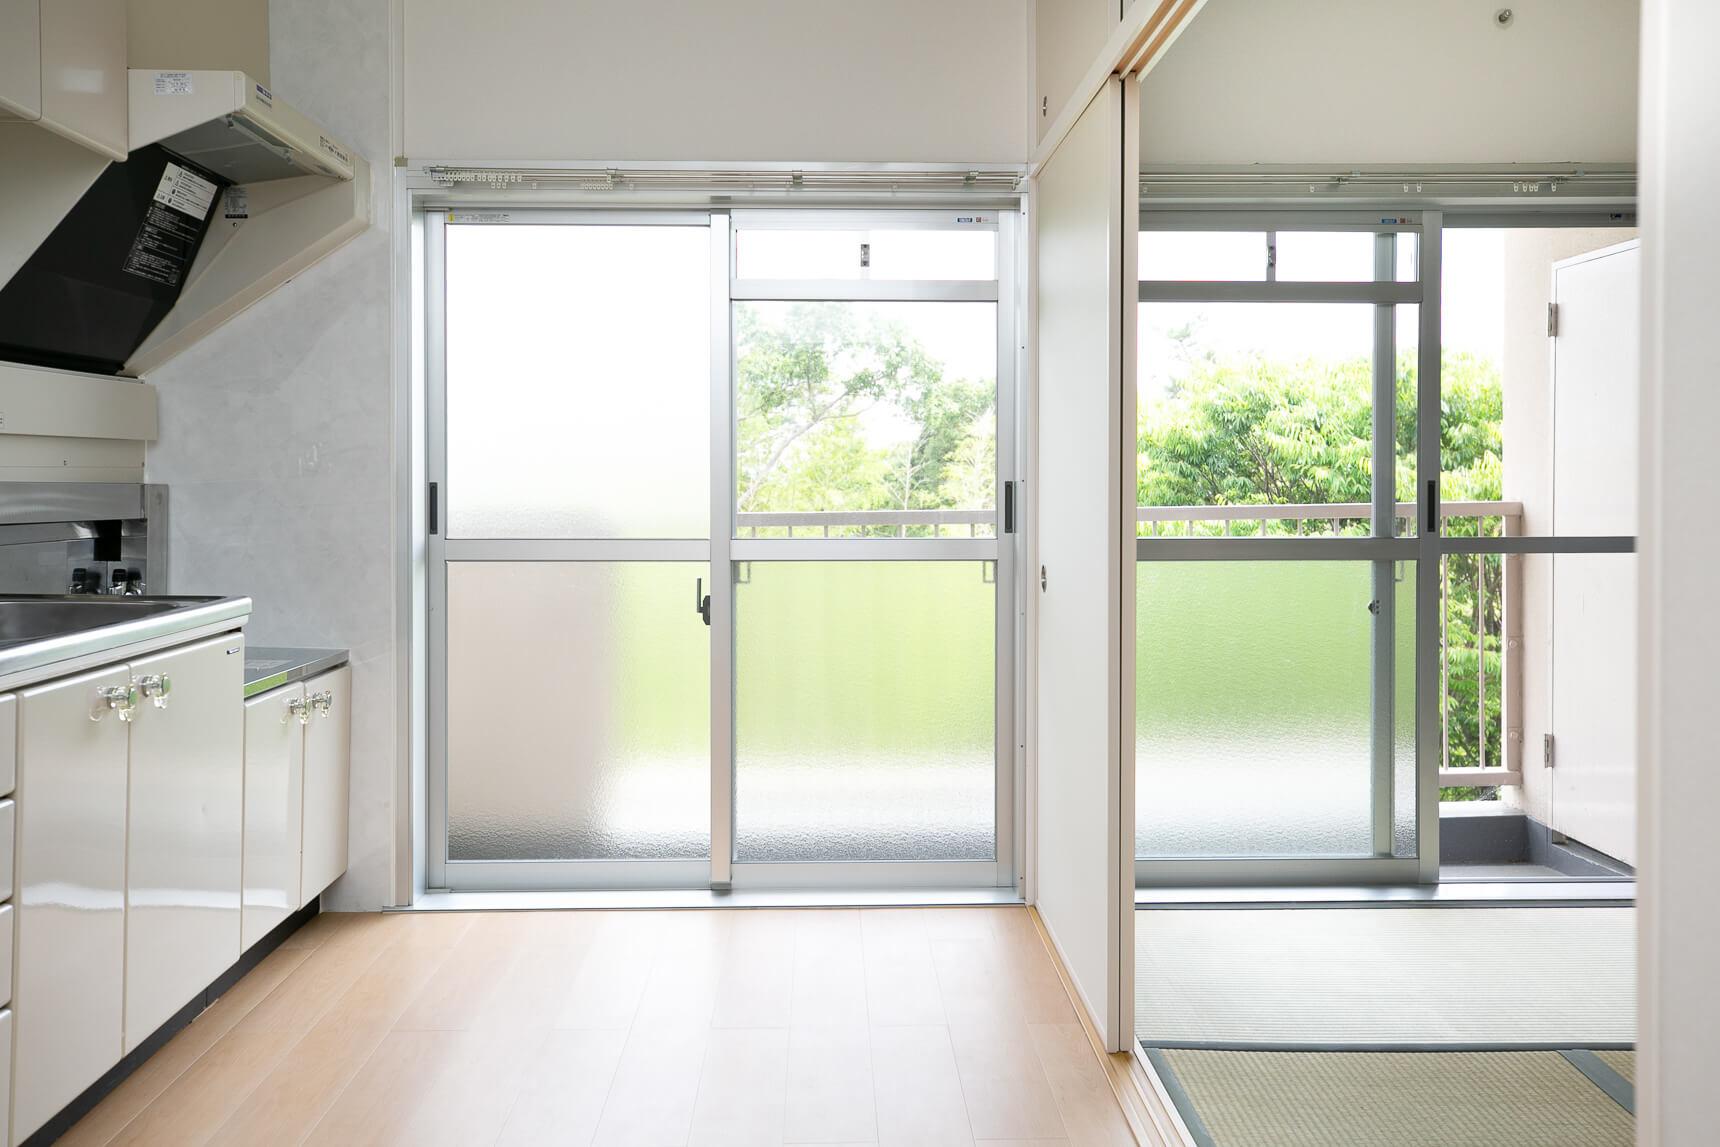 家賃を抑えて、賢く暮らしたいひとにはこのお部屋を。北摂エリア、ふたり暮らしも可能な間取りで5万円以下というのは大きな魅力です。このお家賃で、水回りの設備は全てリニューアルされているので、団地初心者の方でも安心。